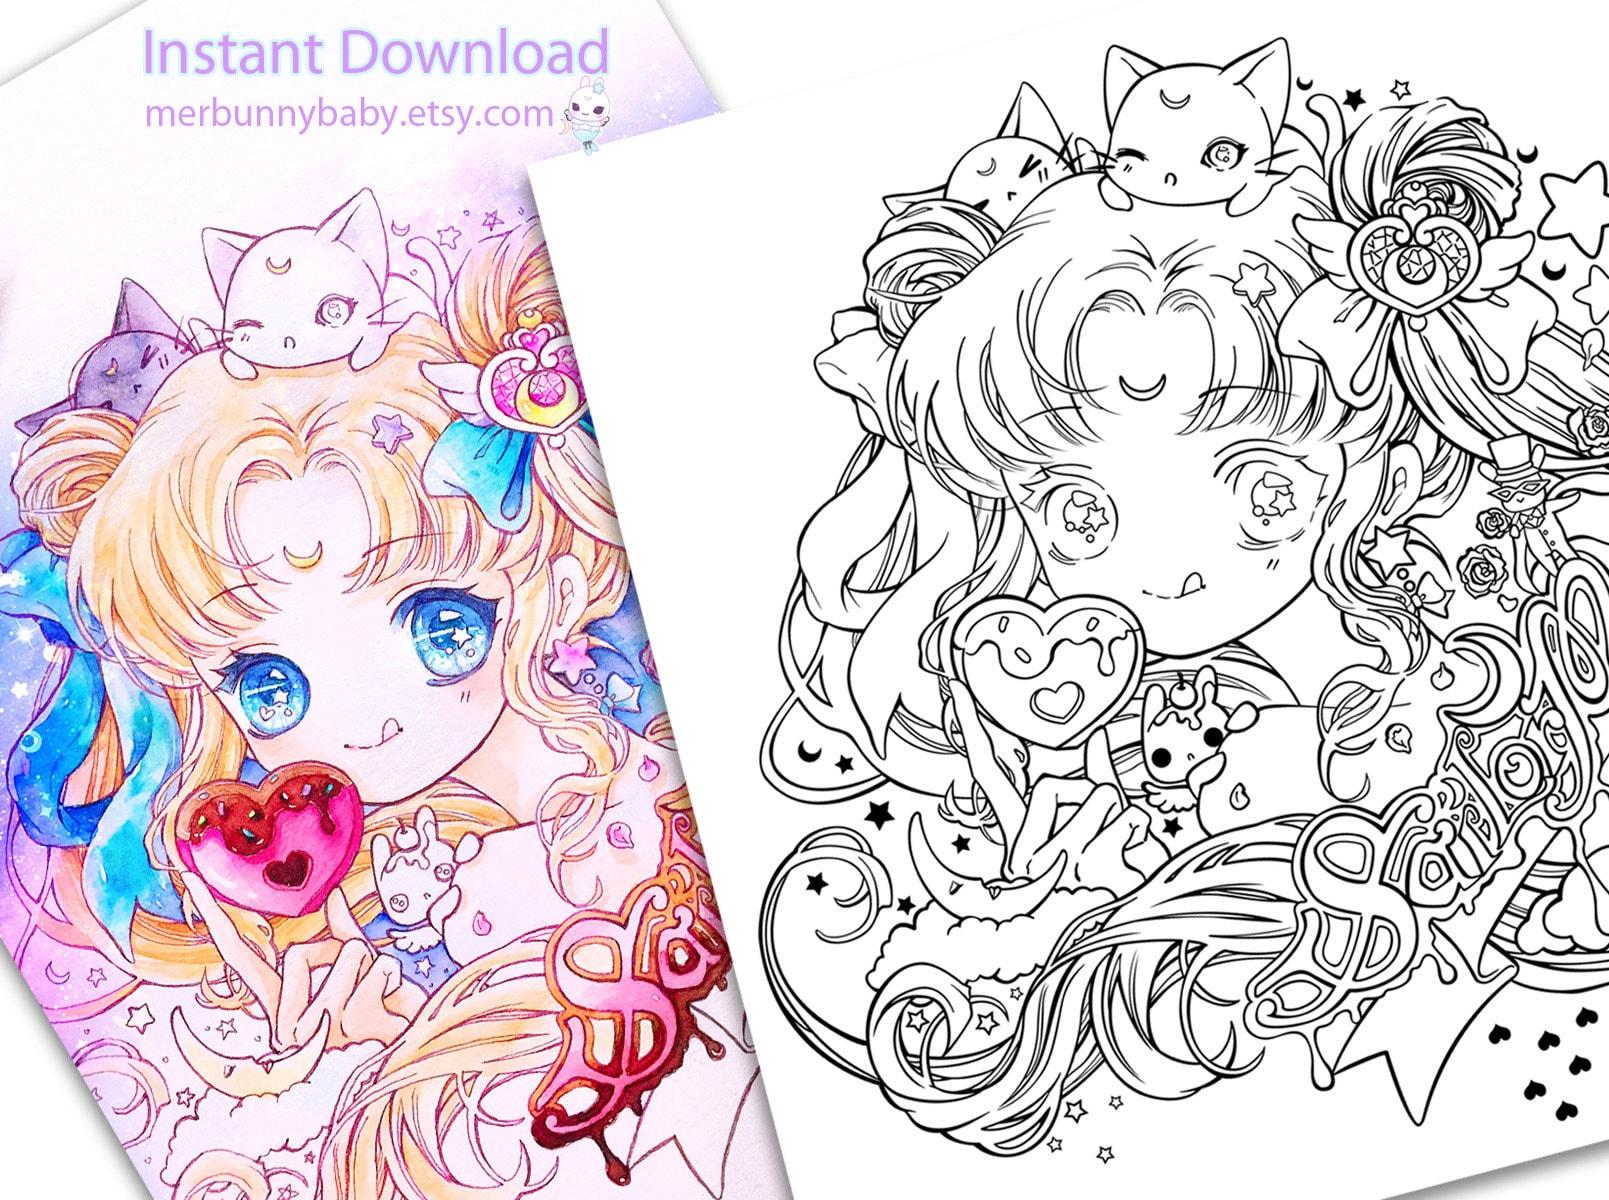 Süße Sailor Moon Malvorlagen süße Anime Manga Mädchen